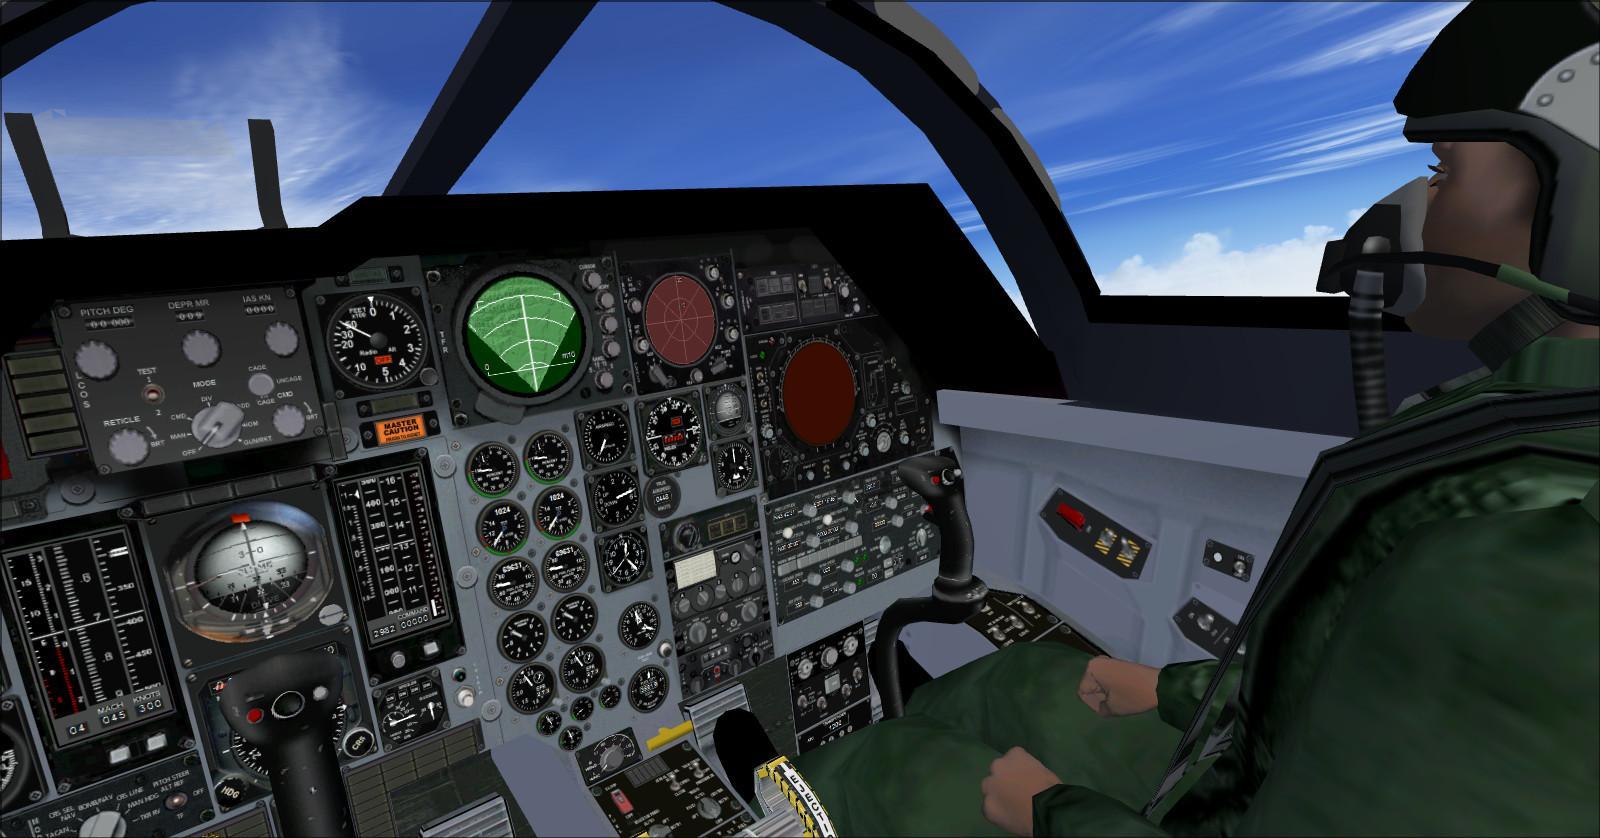 Download Shrs F 111 Aardvark Fsx Sp2 Amp P3d Rikoooo